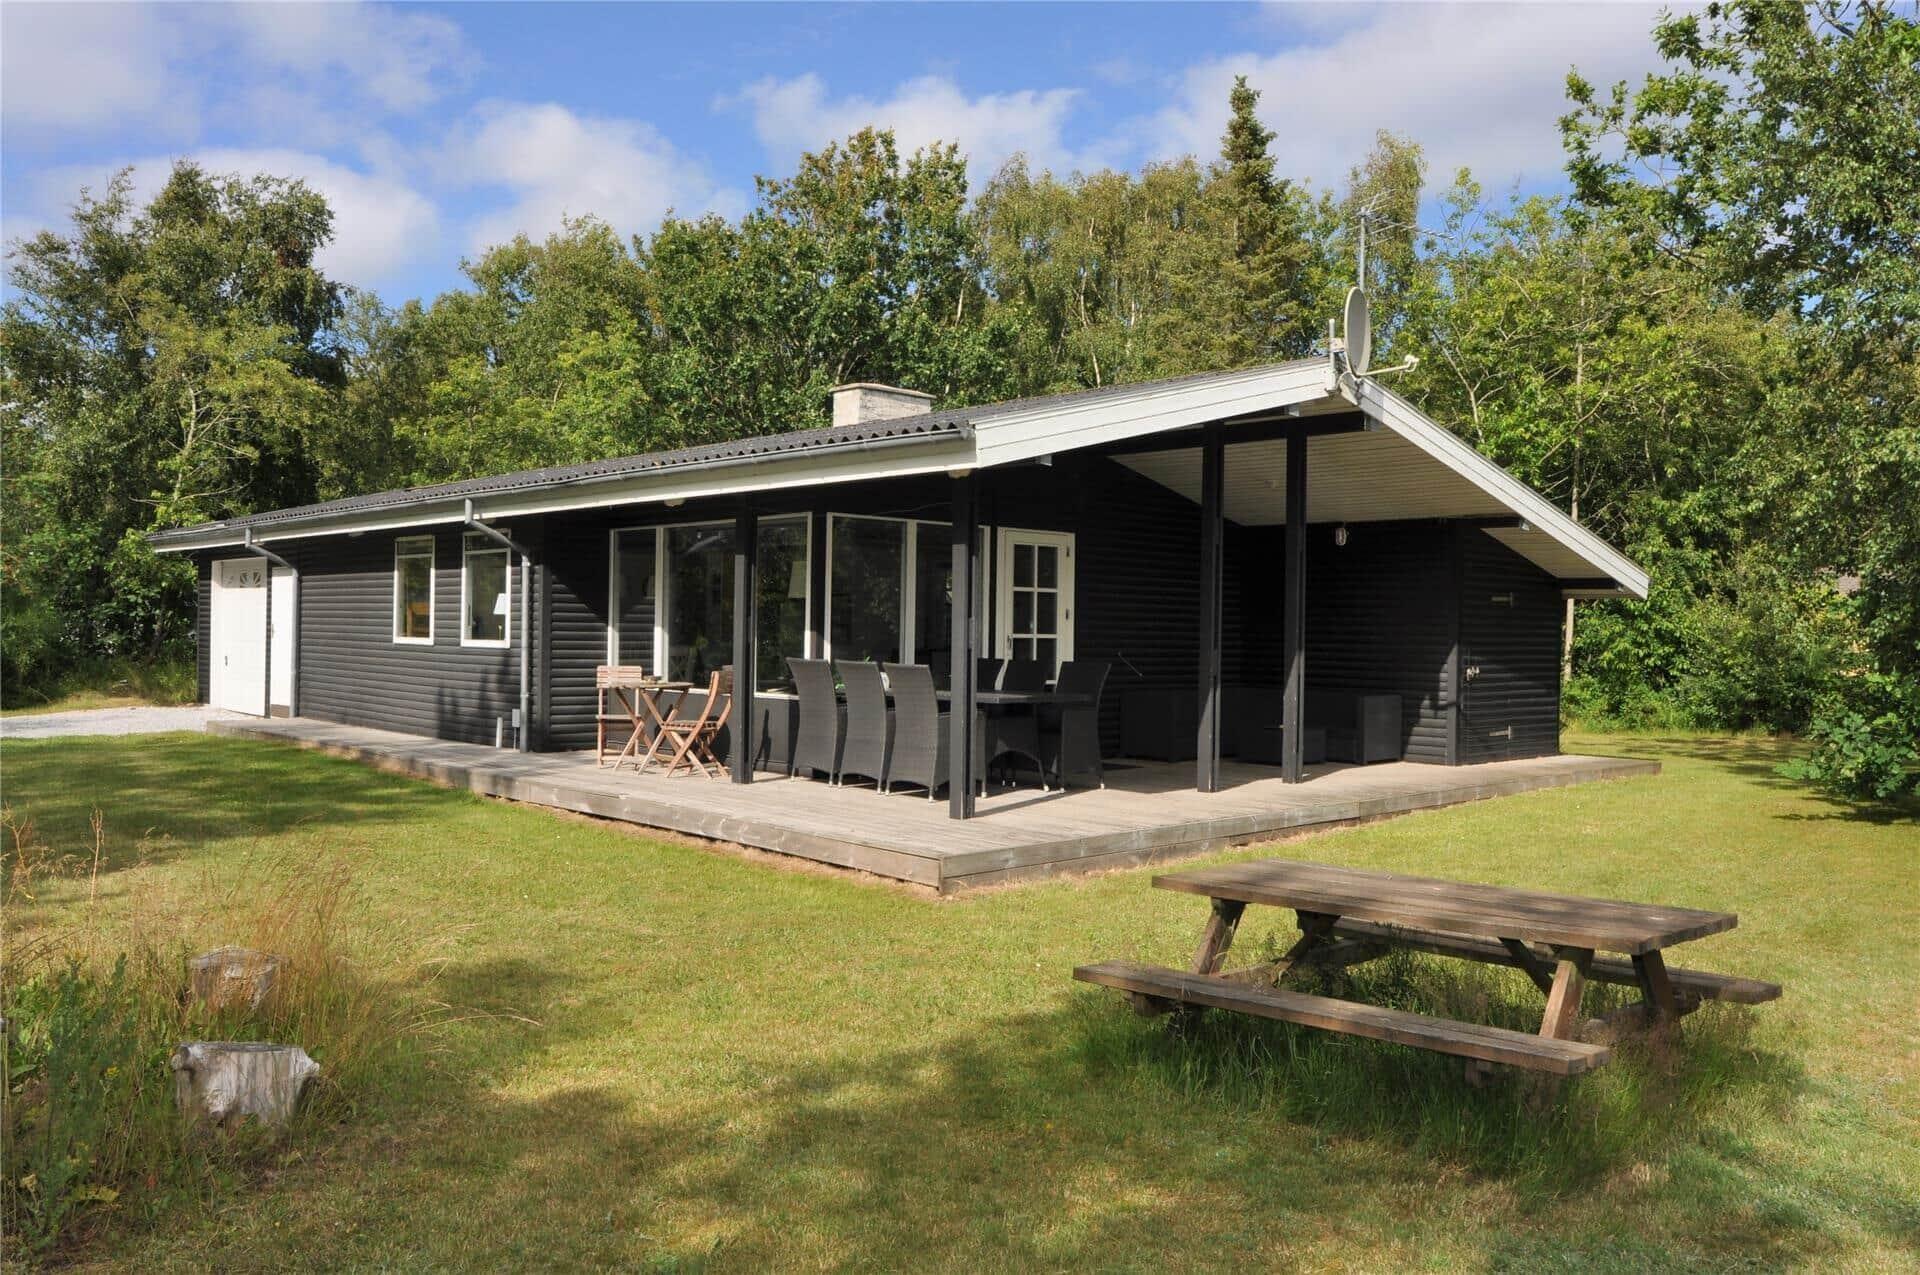 Image 1-175 Holiday-home 30338, Øster Skovvej 125, DK - 6990 Ulfborg